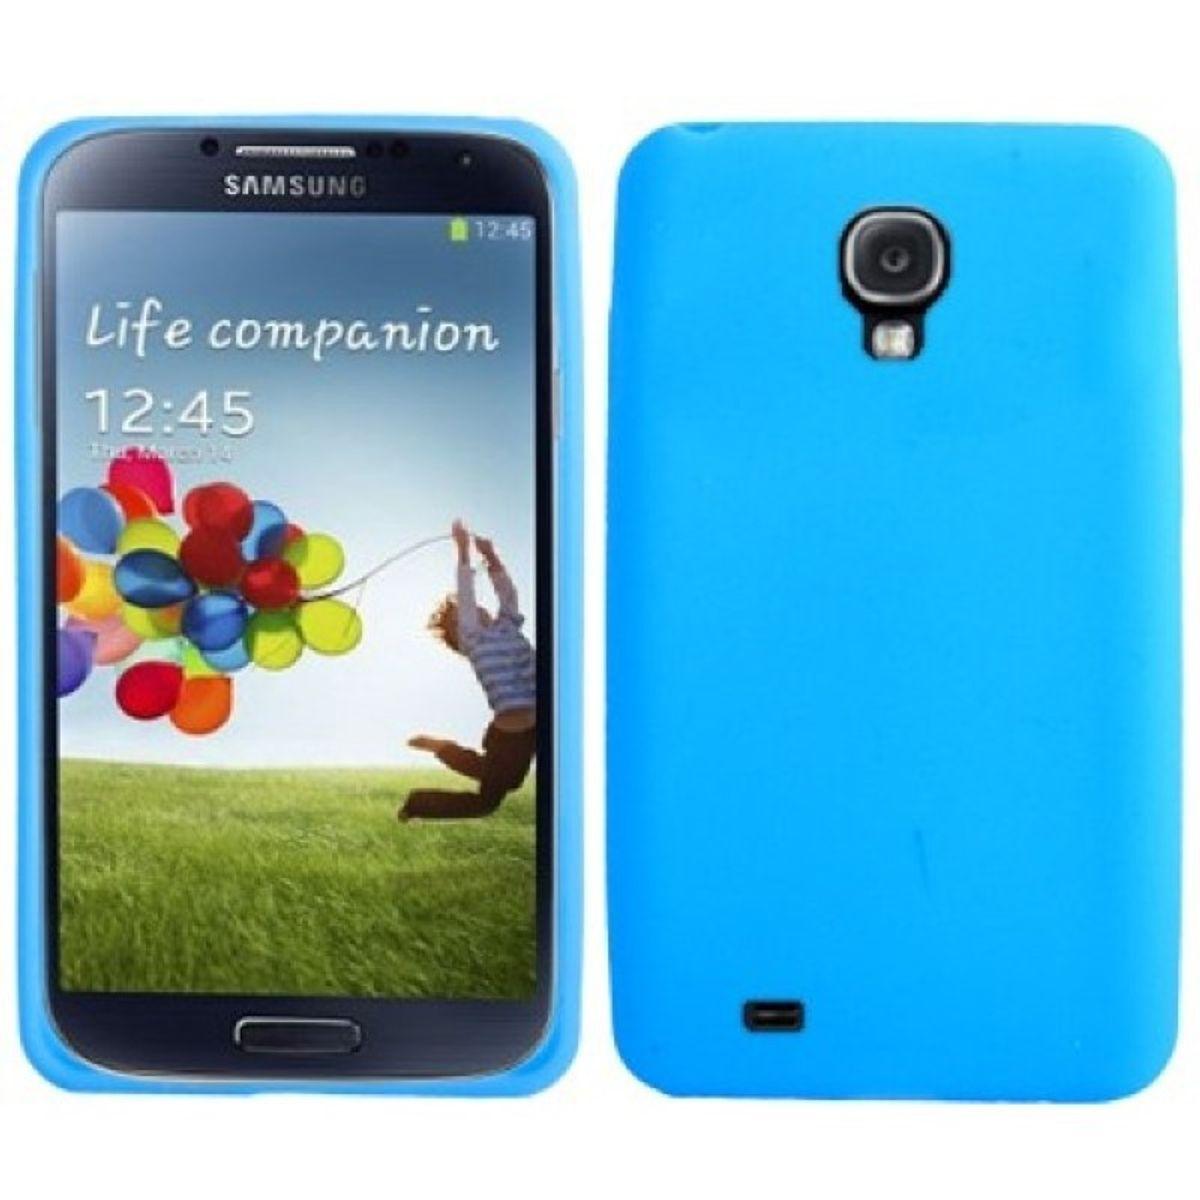 Schutzhülle Silikon Case für Handy Samsung Galaxy S4 GT-I9500 / GT-I9505 / LTE+ GT-I9506 / Value Edition GT-I9515 blau